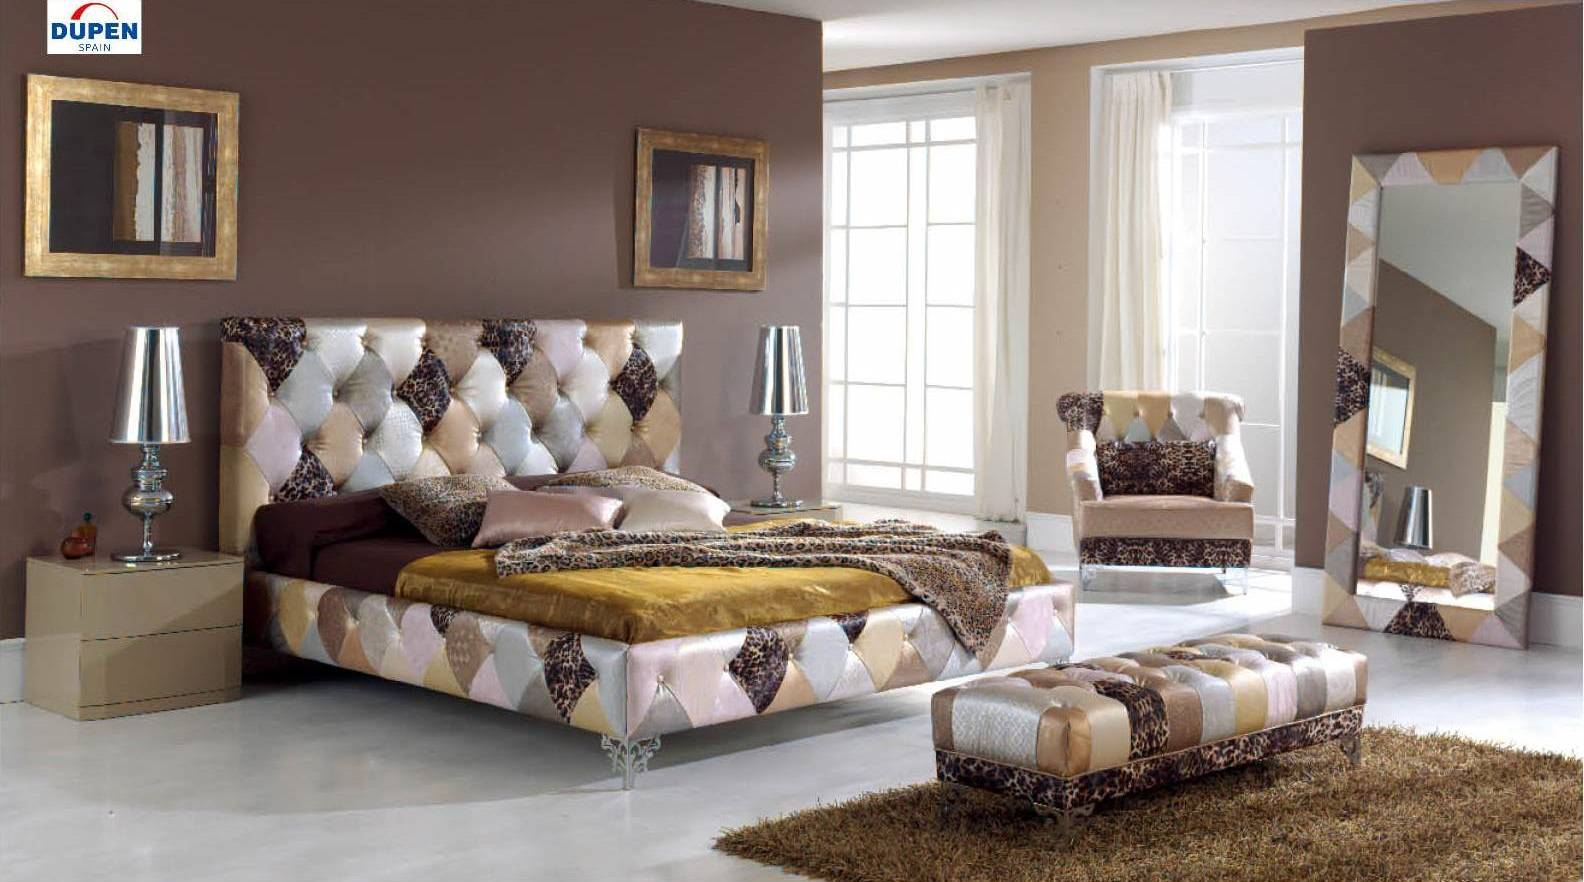 Upholstered King Bedroom Sets made in spain leather platform bedroom sets charlotte north